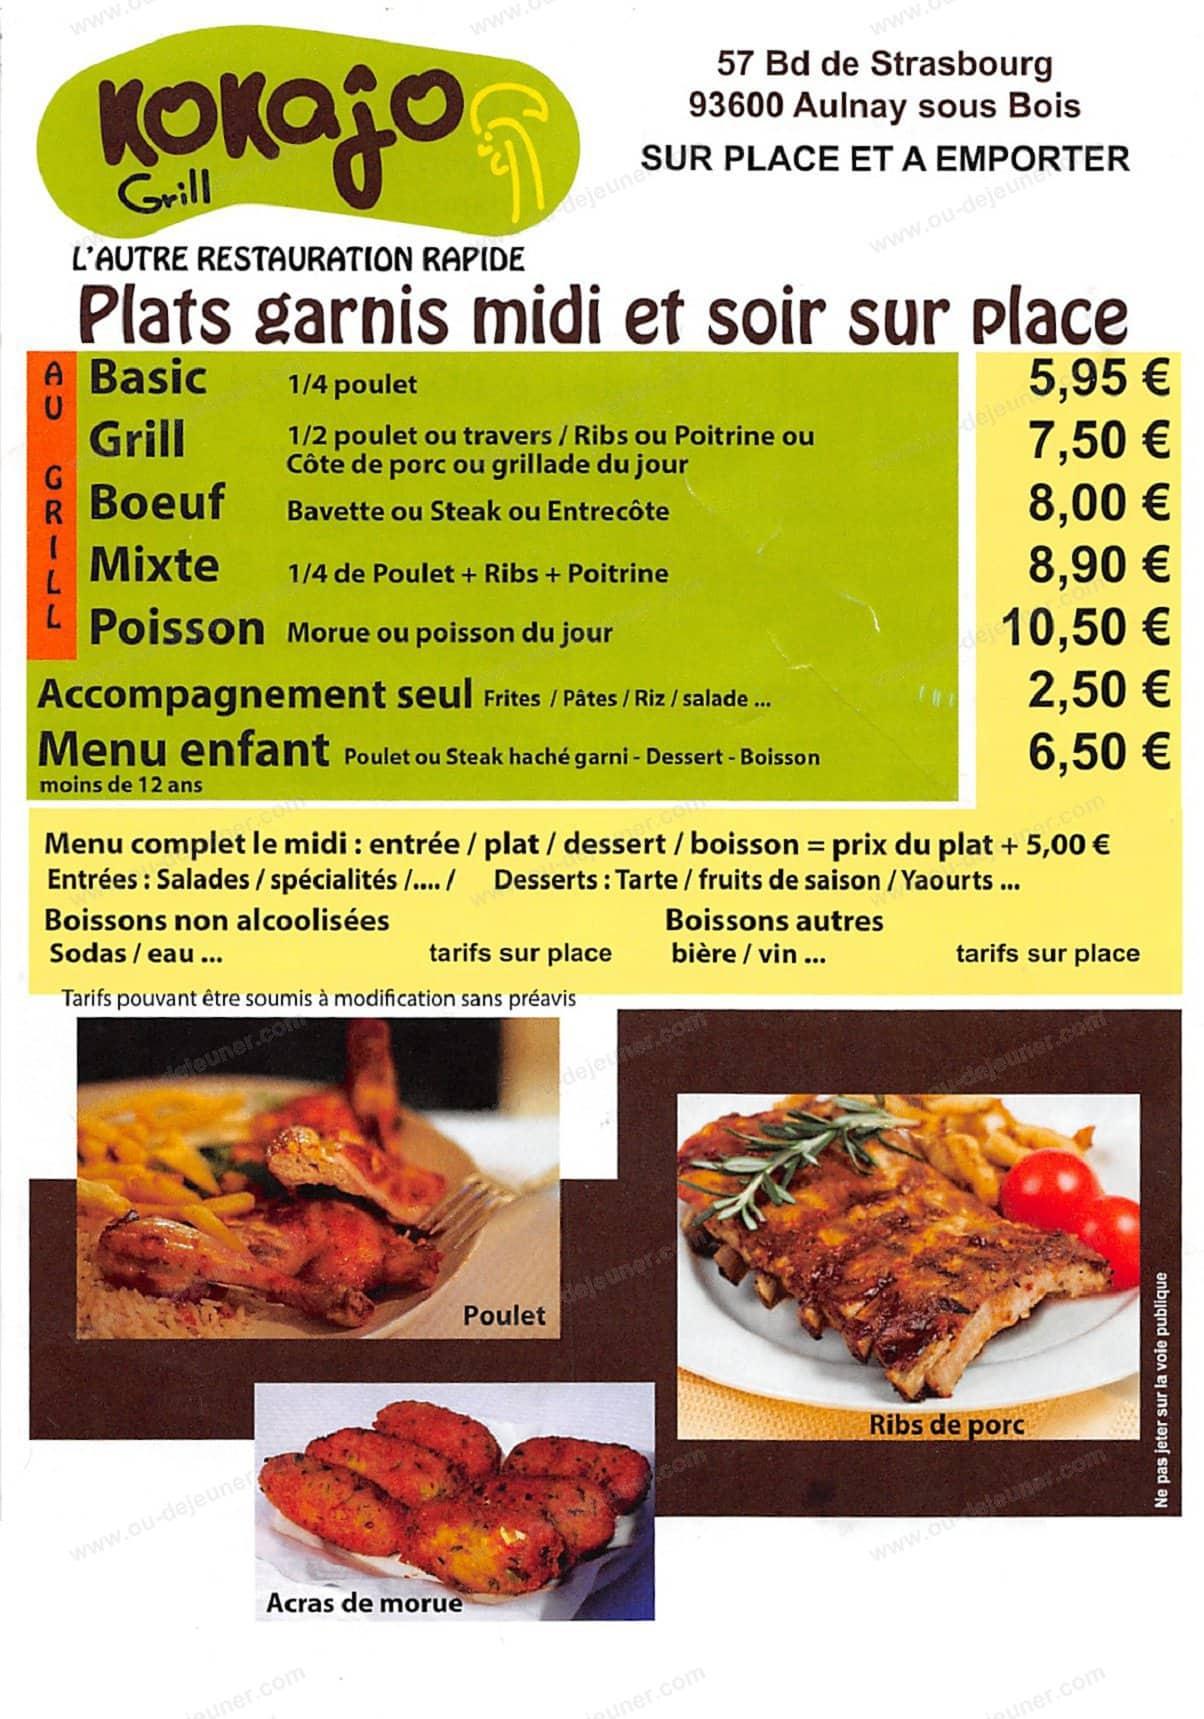 Kokajoà Aulnay Sous Bois, carte menu et photos # Le Cercle Pizza Aulnay Sous Bois